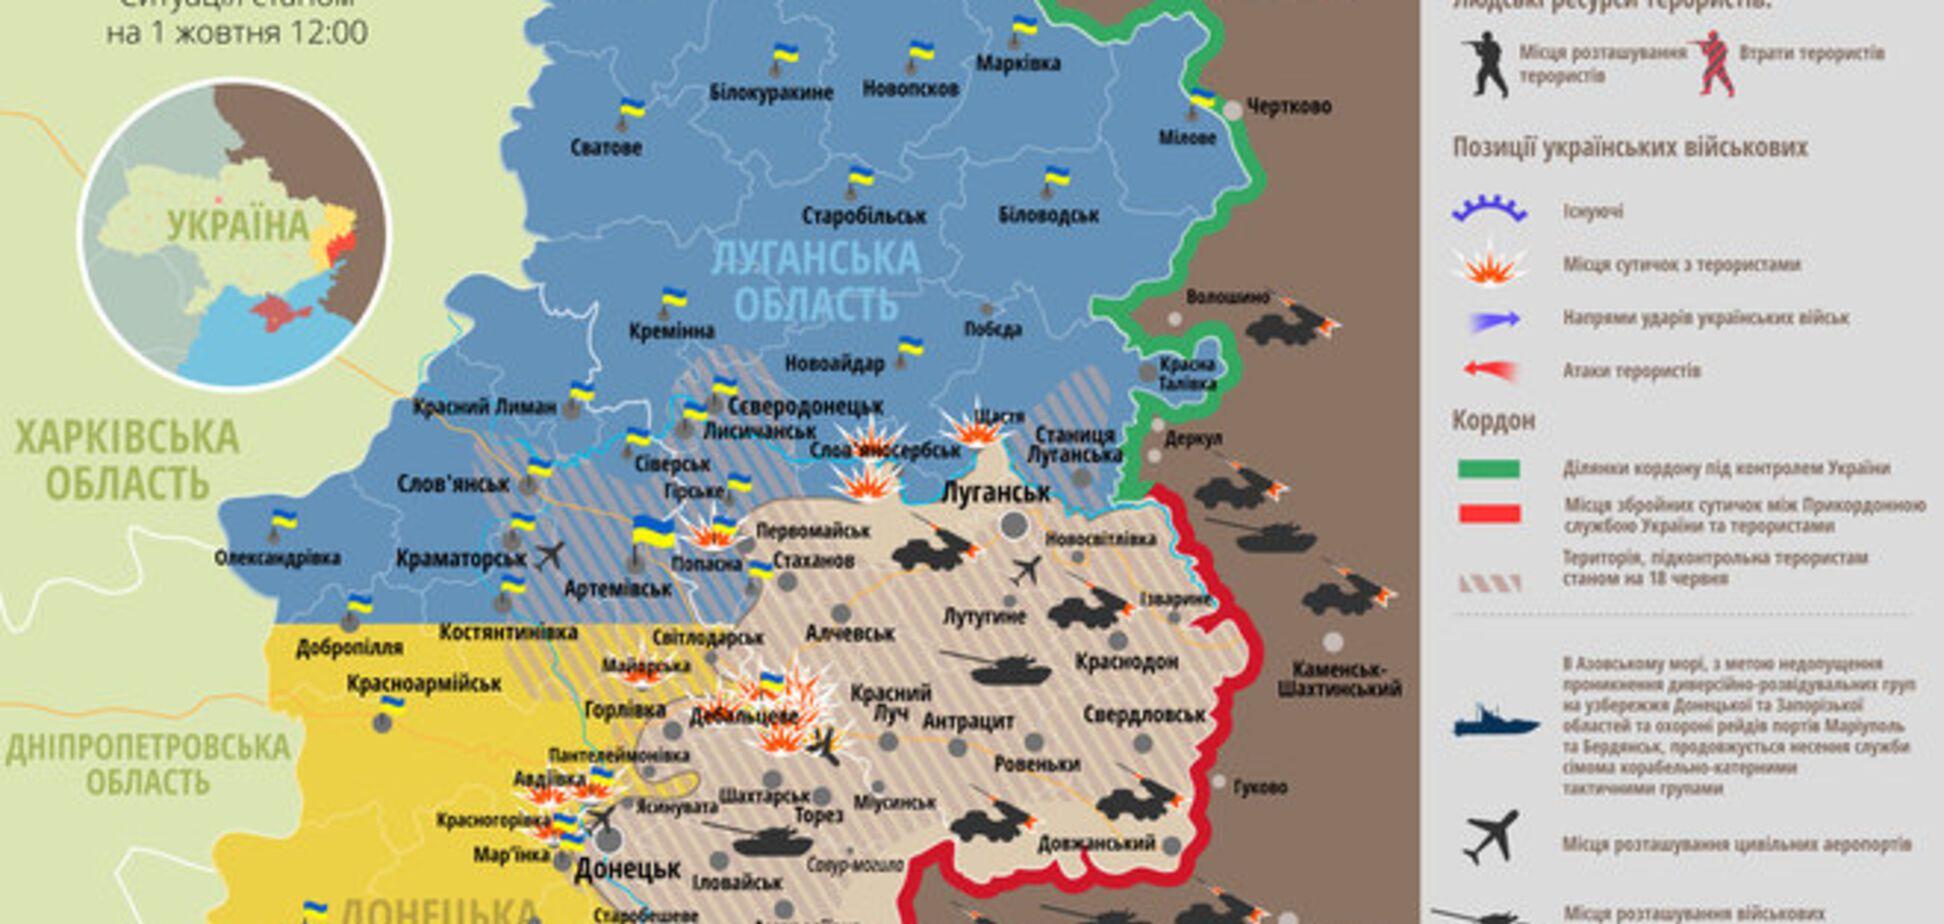 Террористы все интенсивнее 'перестреливаются' 'Градами': карта АТО